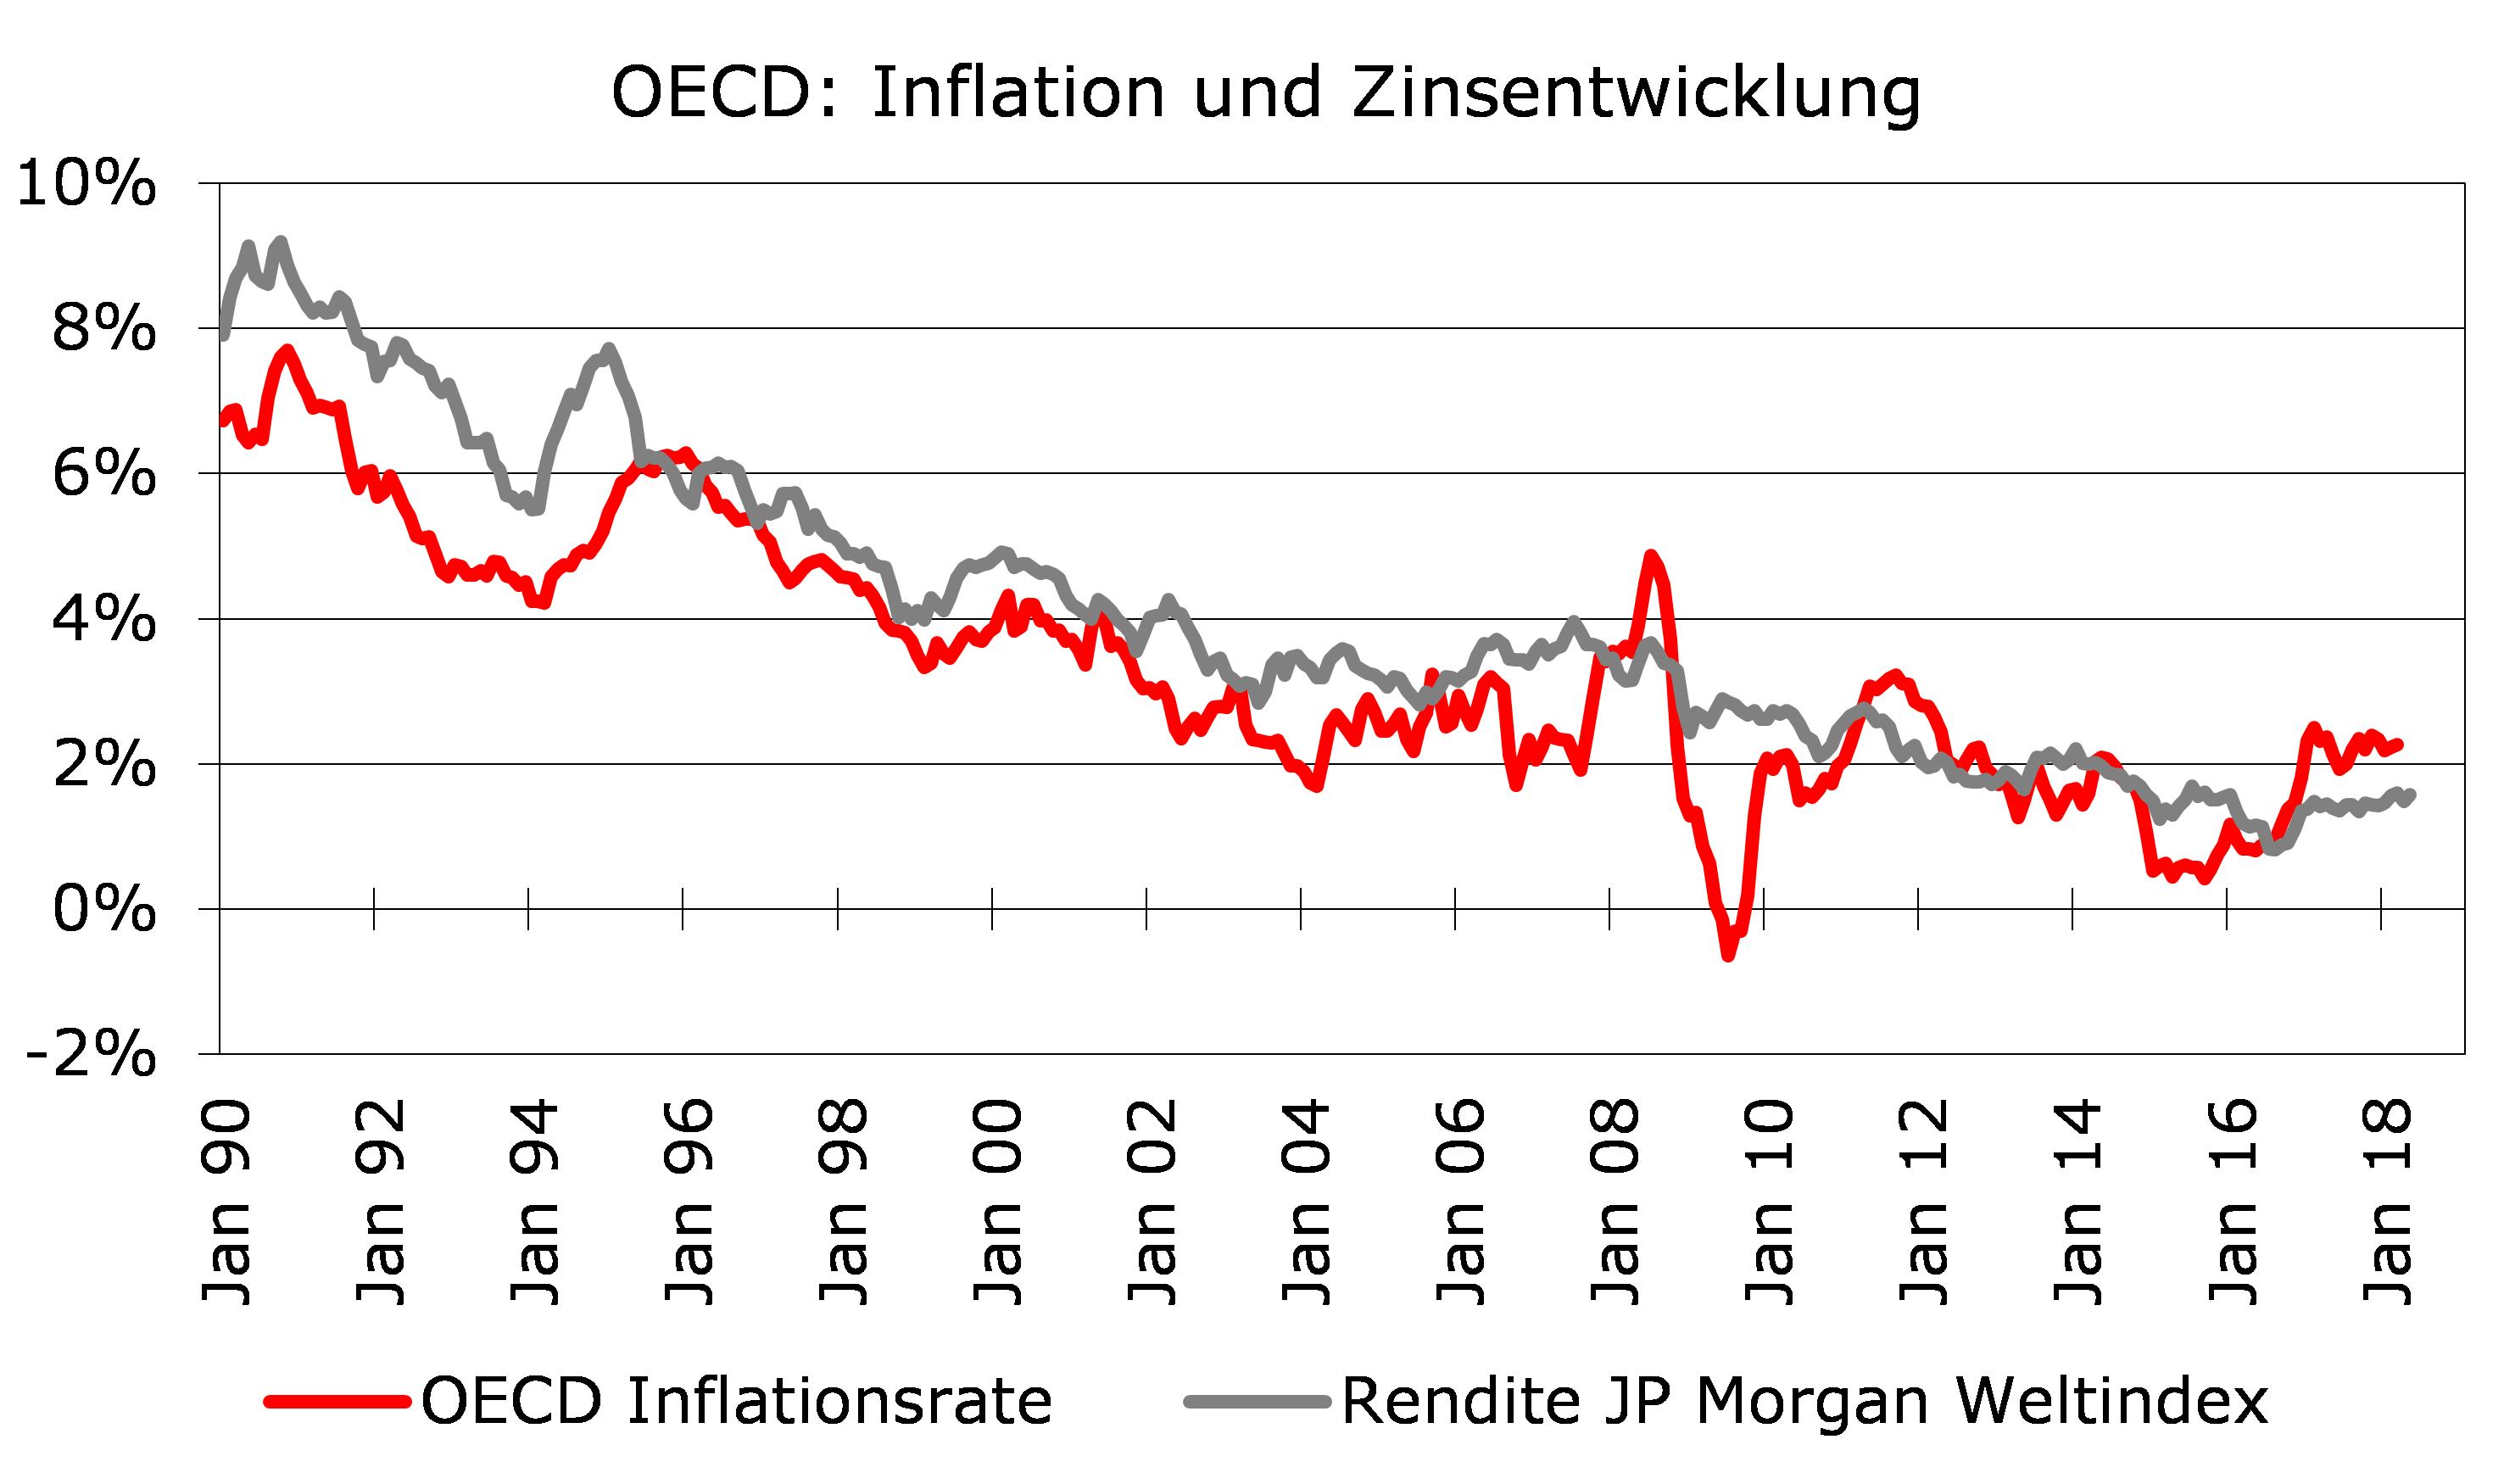 OECD: Inflation und Zinsentwicklung